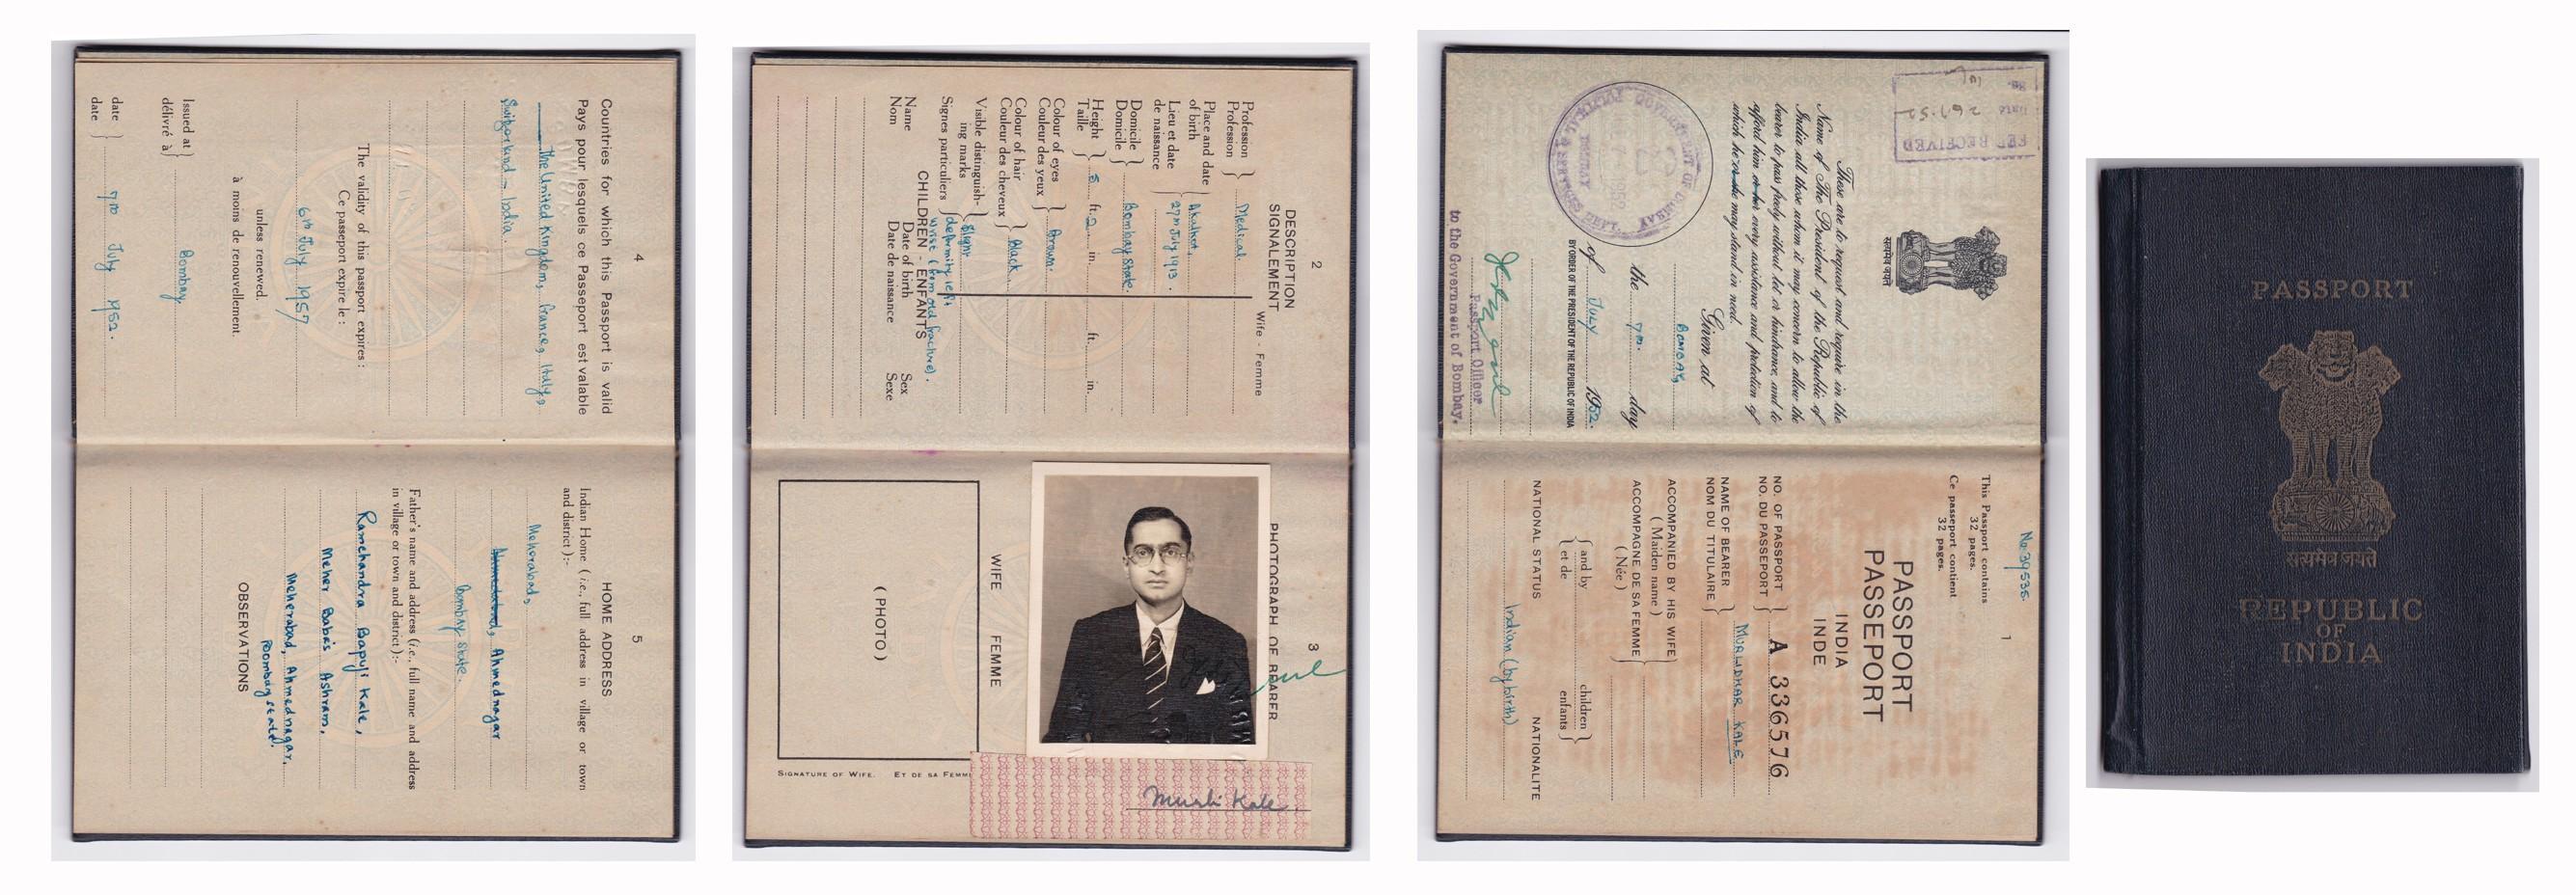 Murli Kale passport at Meher Baba Ashram Meherabad